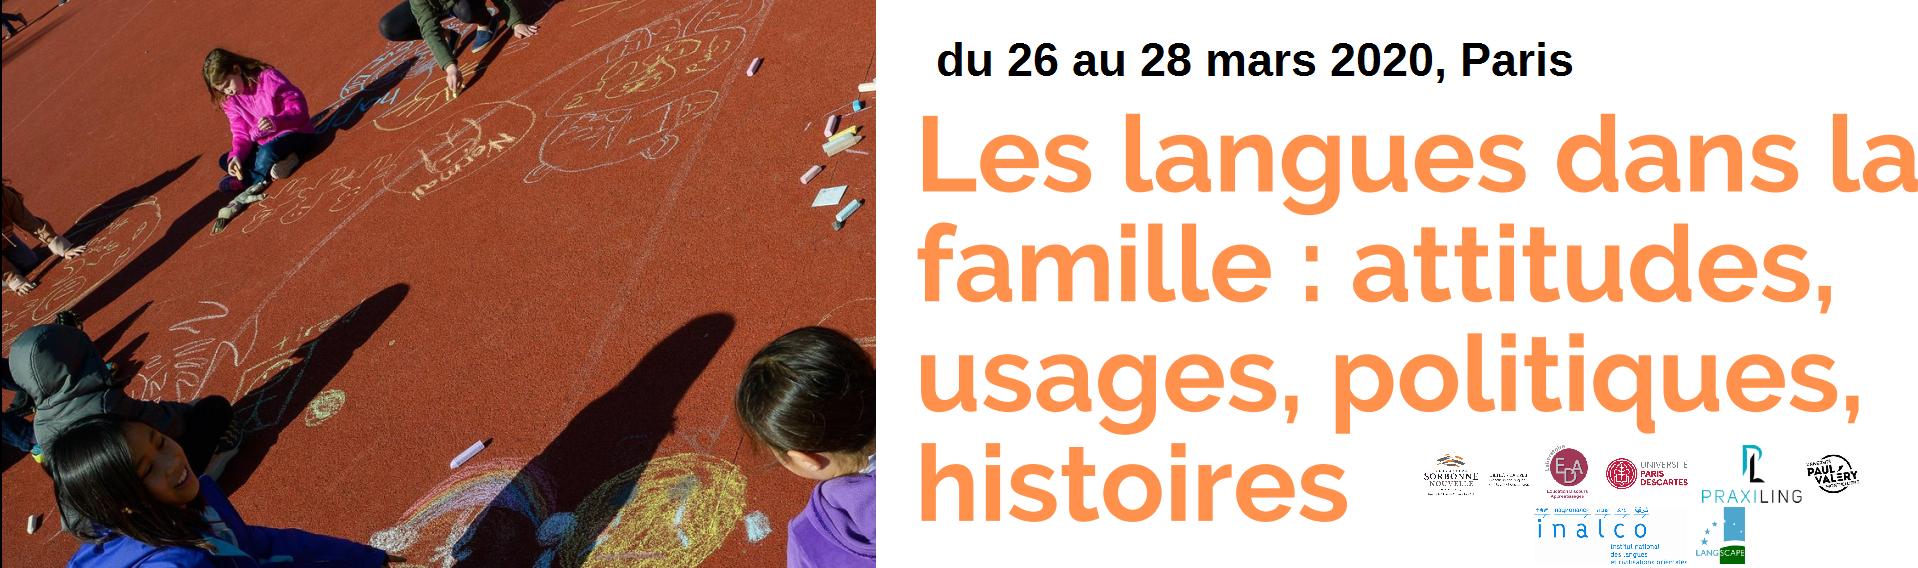 Les langues dans la famille 2019